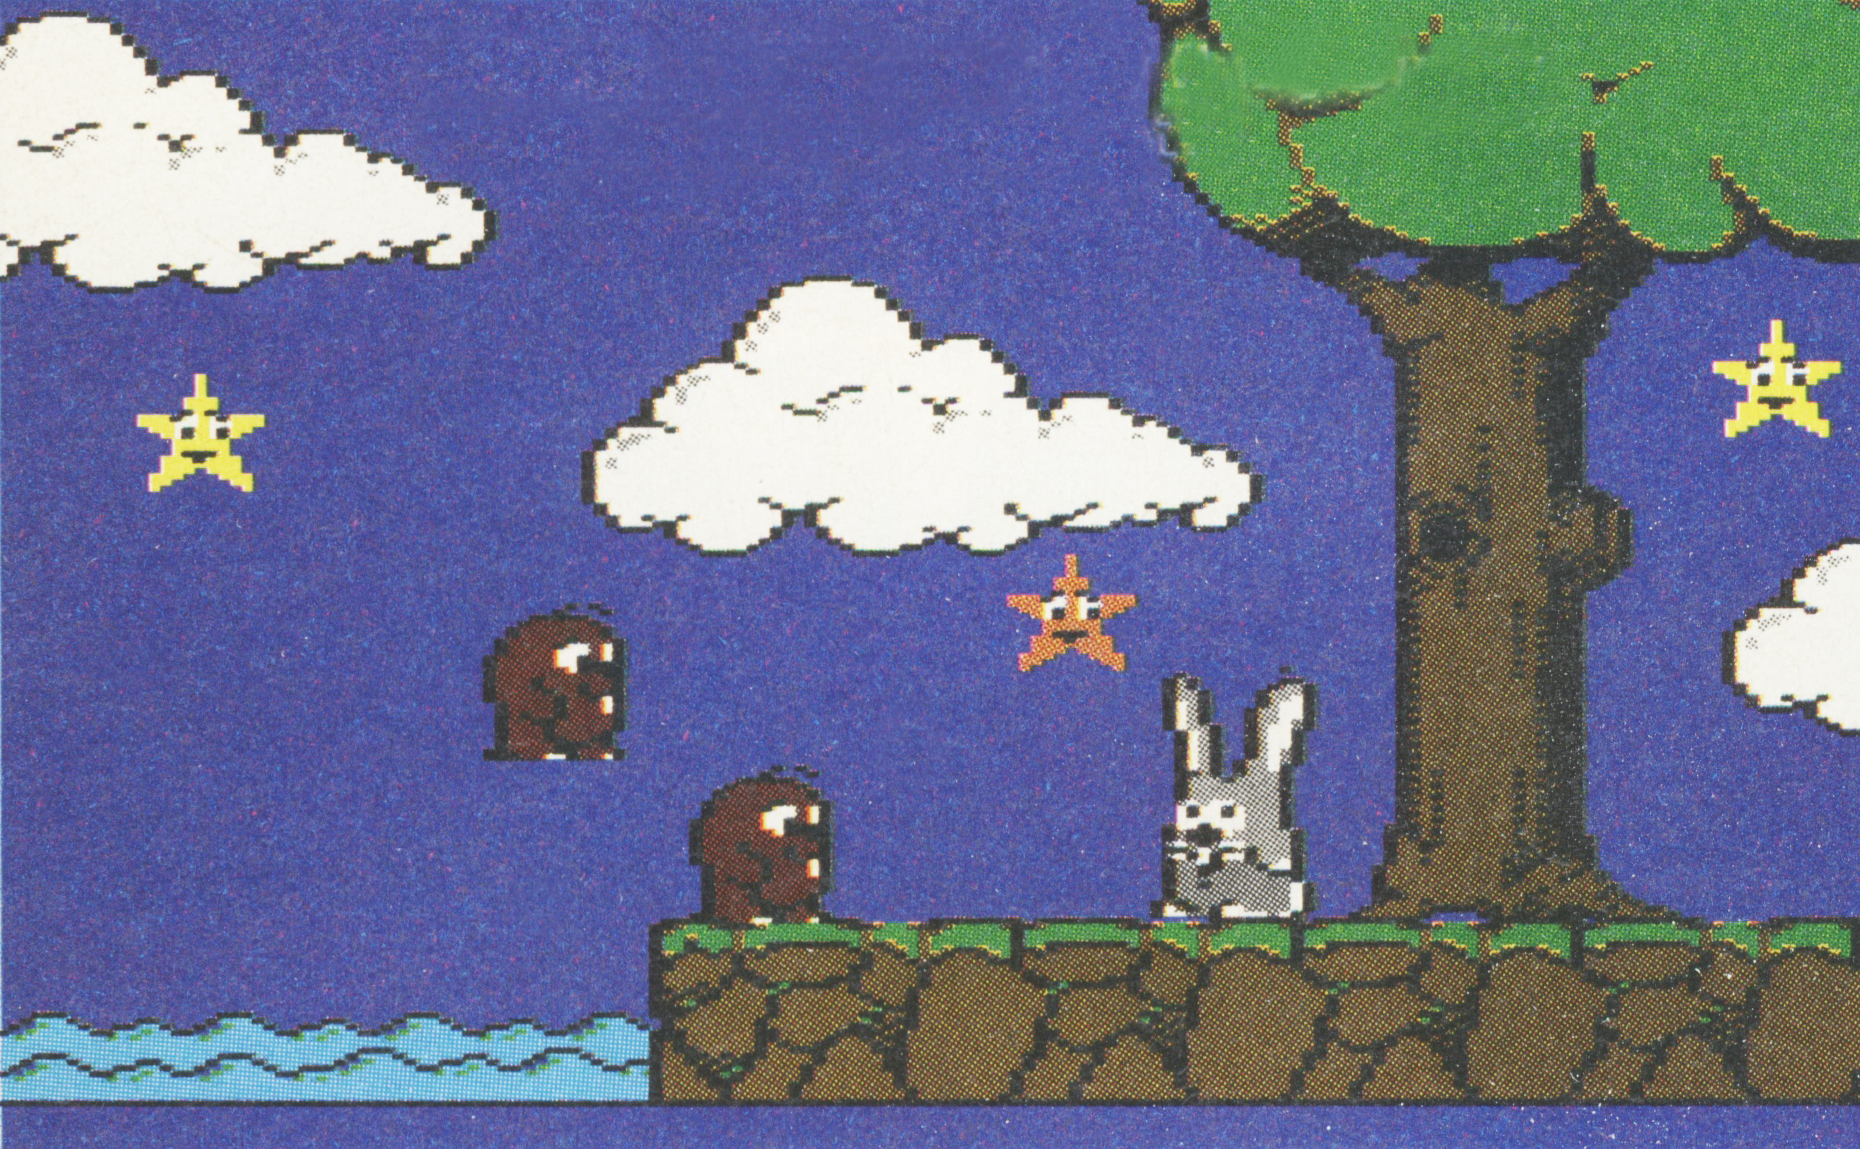 Beavers thumbnail